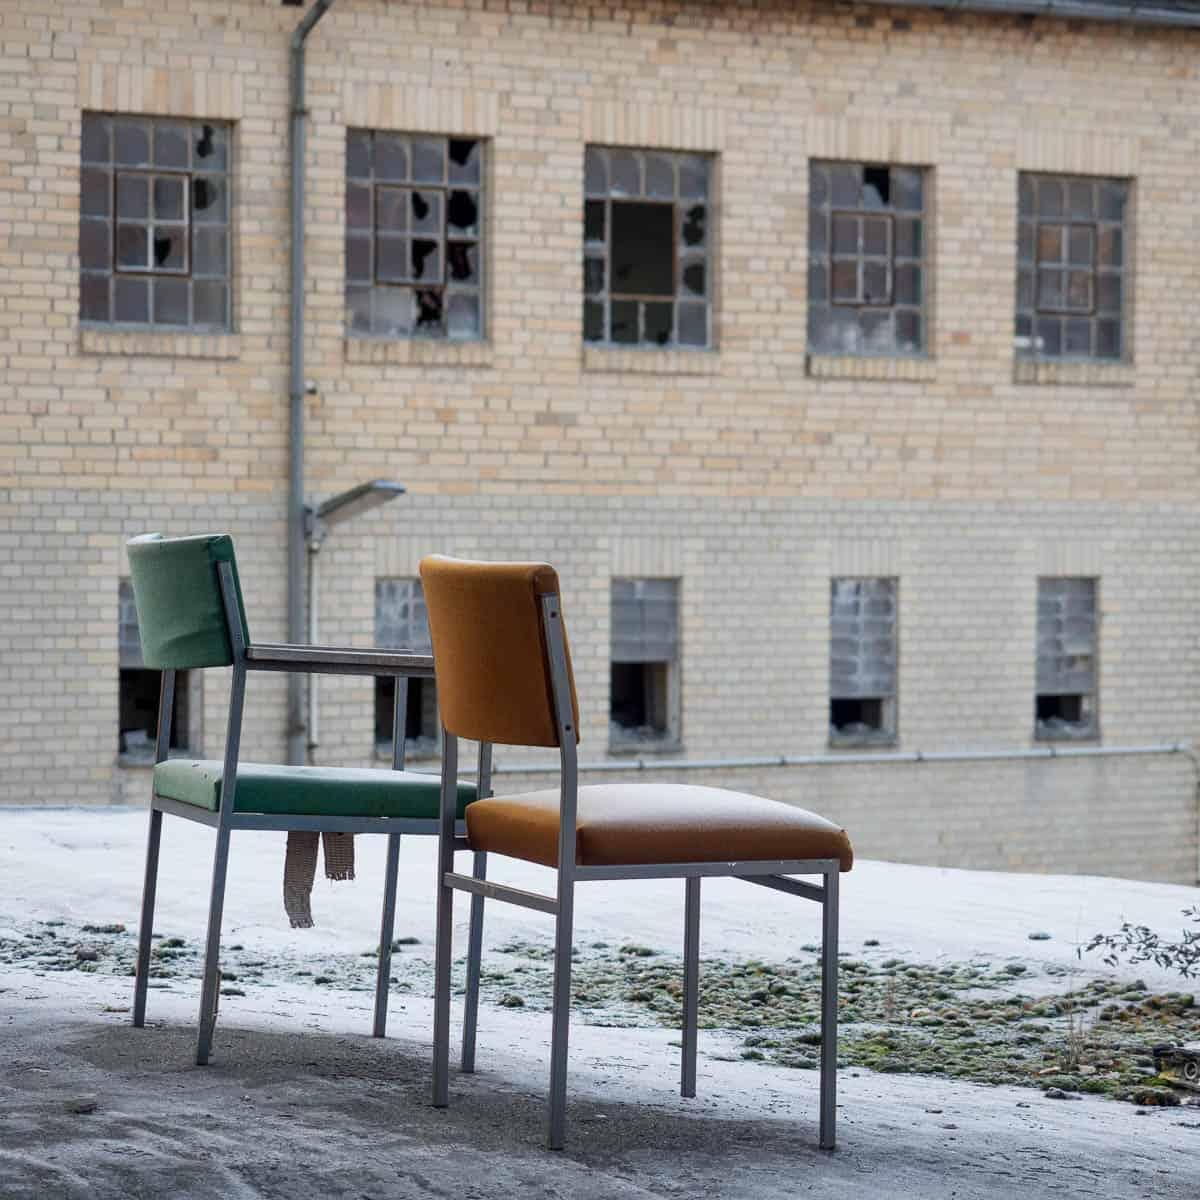 2 Stühle mit Aussichten auf Altes